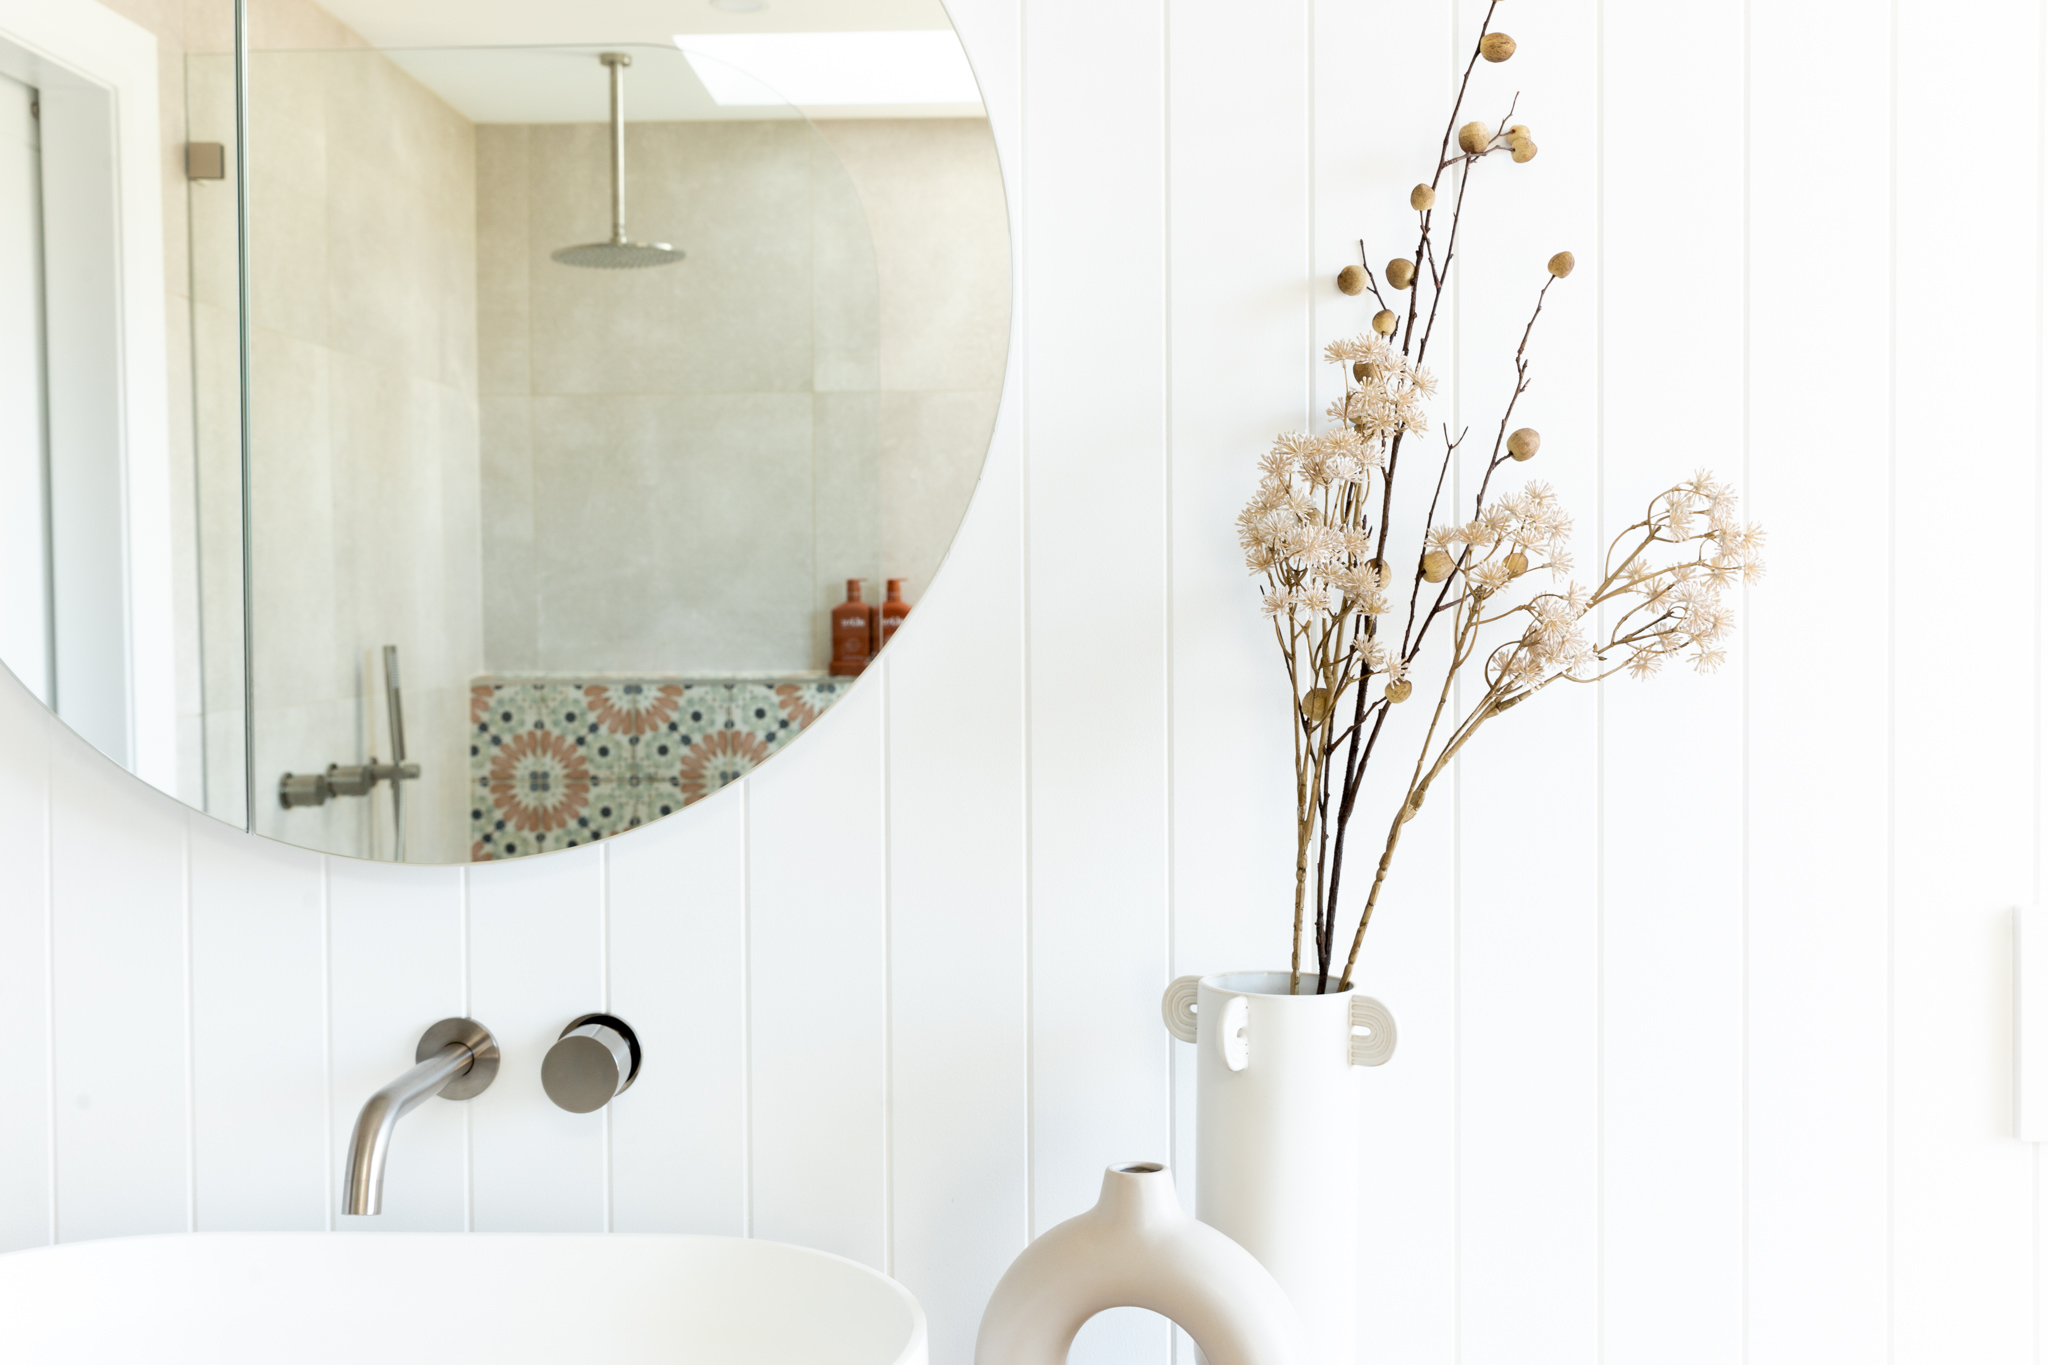 Bone + Blanc Bathroom Renovation - Wall Panelling